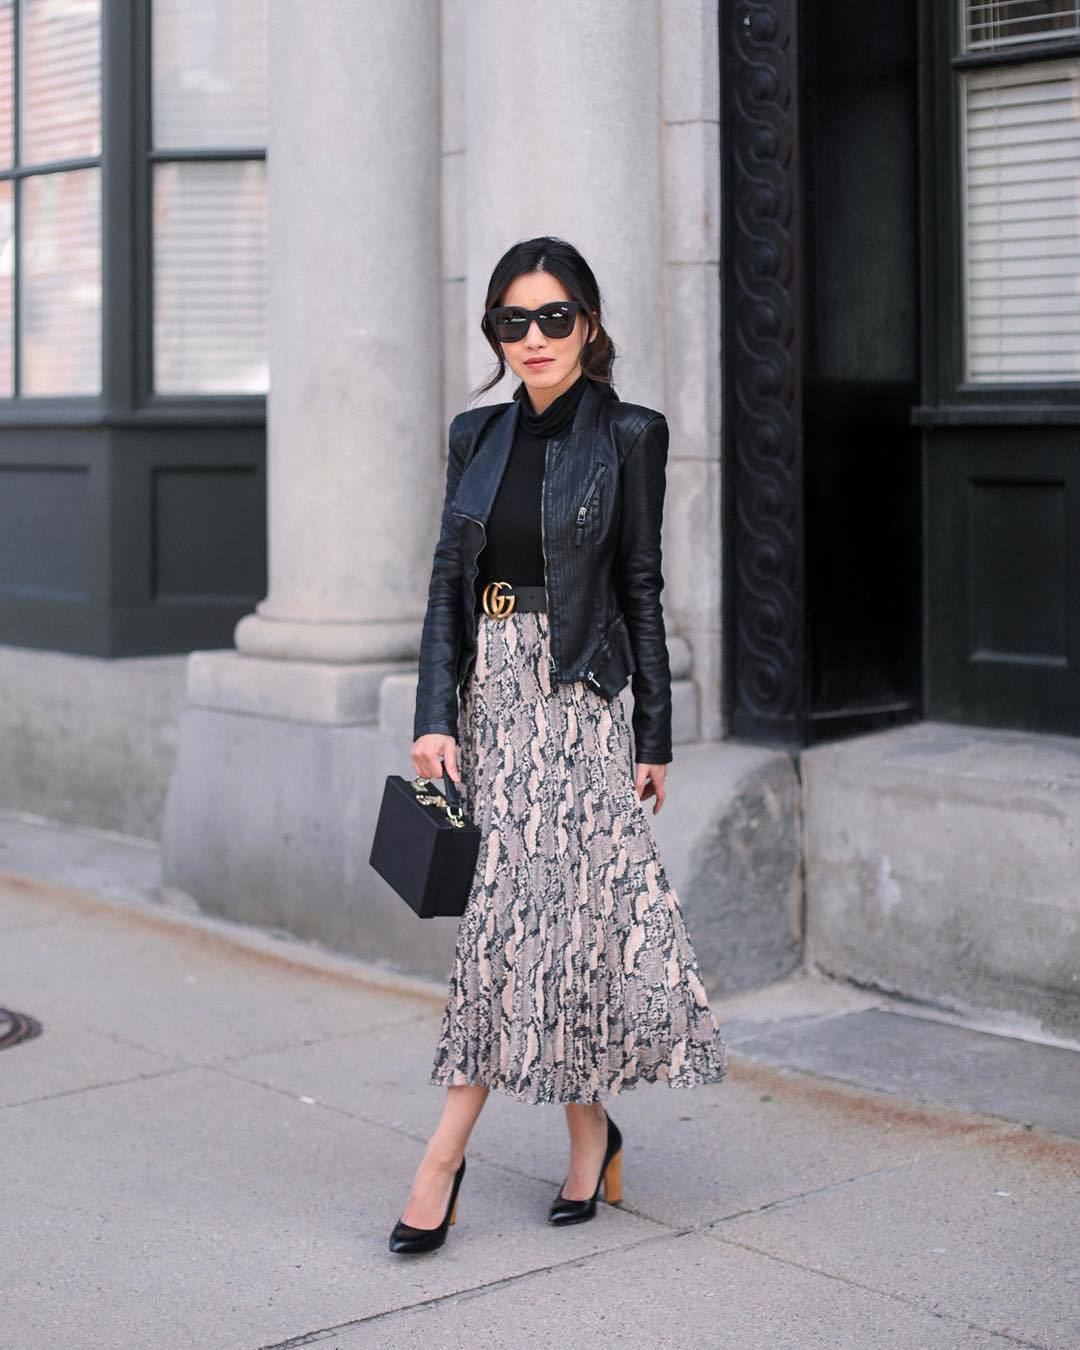 skirt midi skirt snake print pleated skirt pumps black bag boxed bag black leather jacket gucci bag black belt black turtleneck top